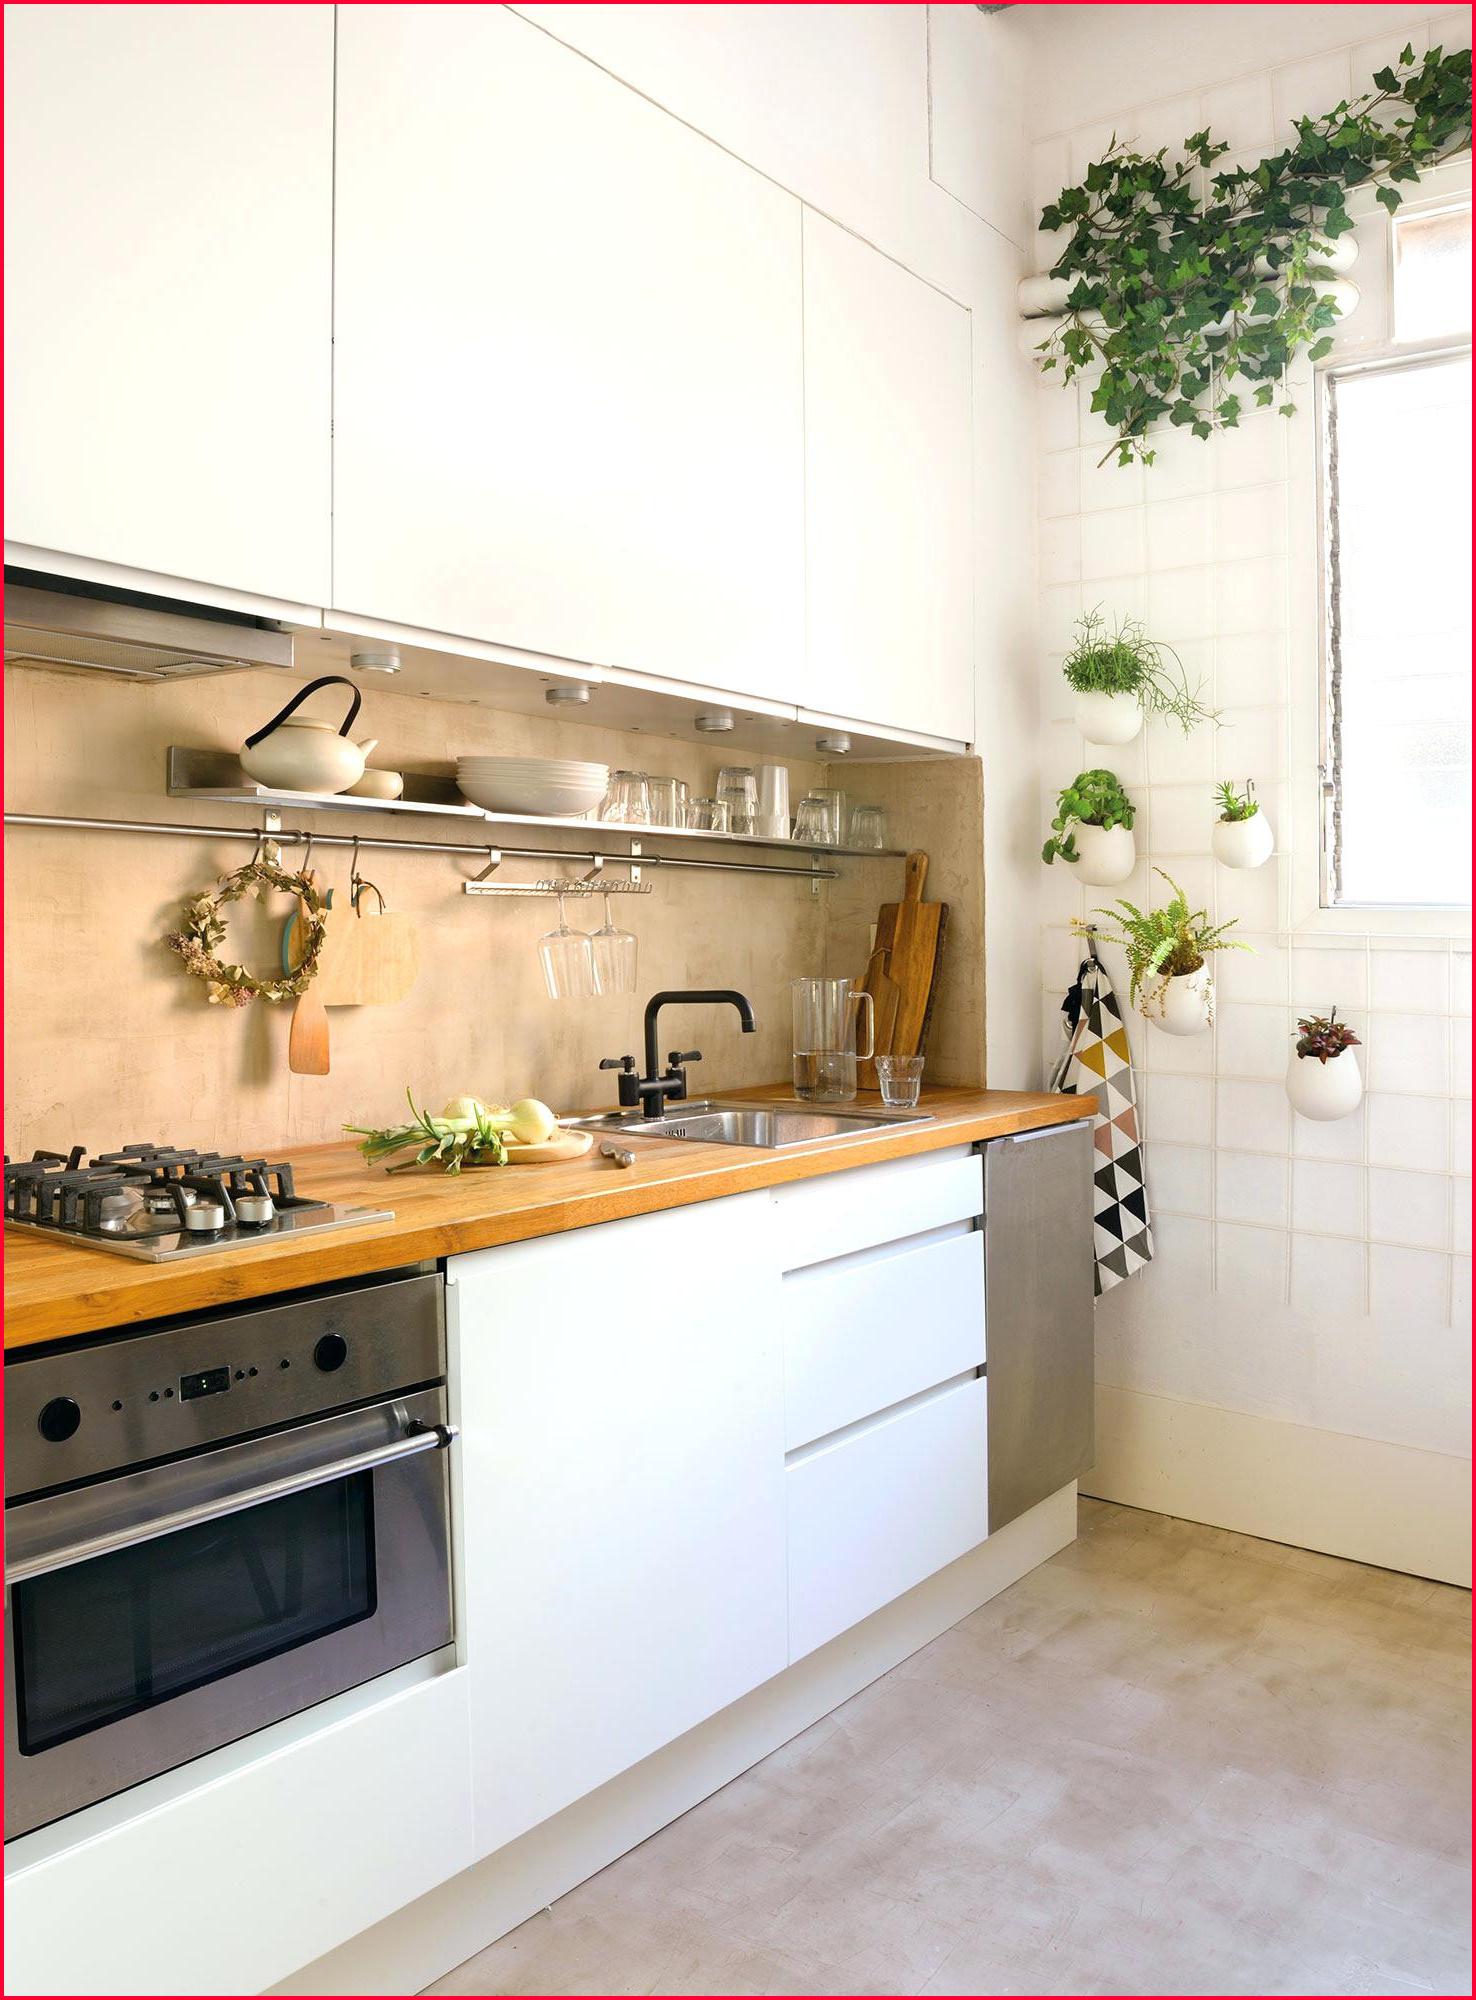 Puertas De Armarios De Cocina S5d8 Puertas De Armarios De Cocina Cambiar Puertas Armarios Cocina